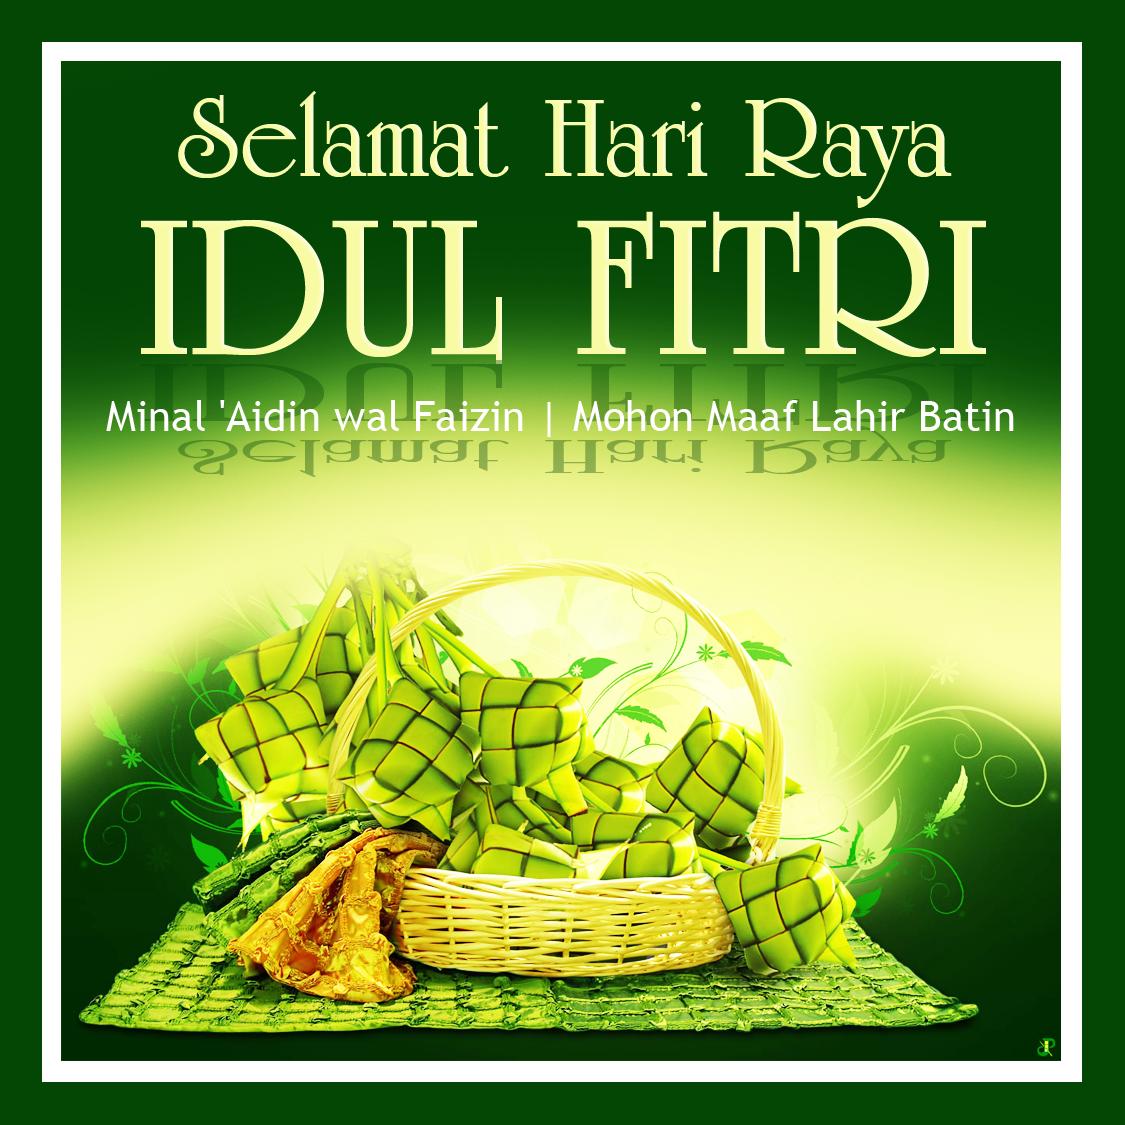 Foto Lucu Bergerak Ucapan Idul Fitri Terbaru Display Picture Unik